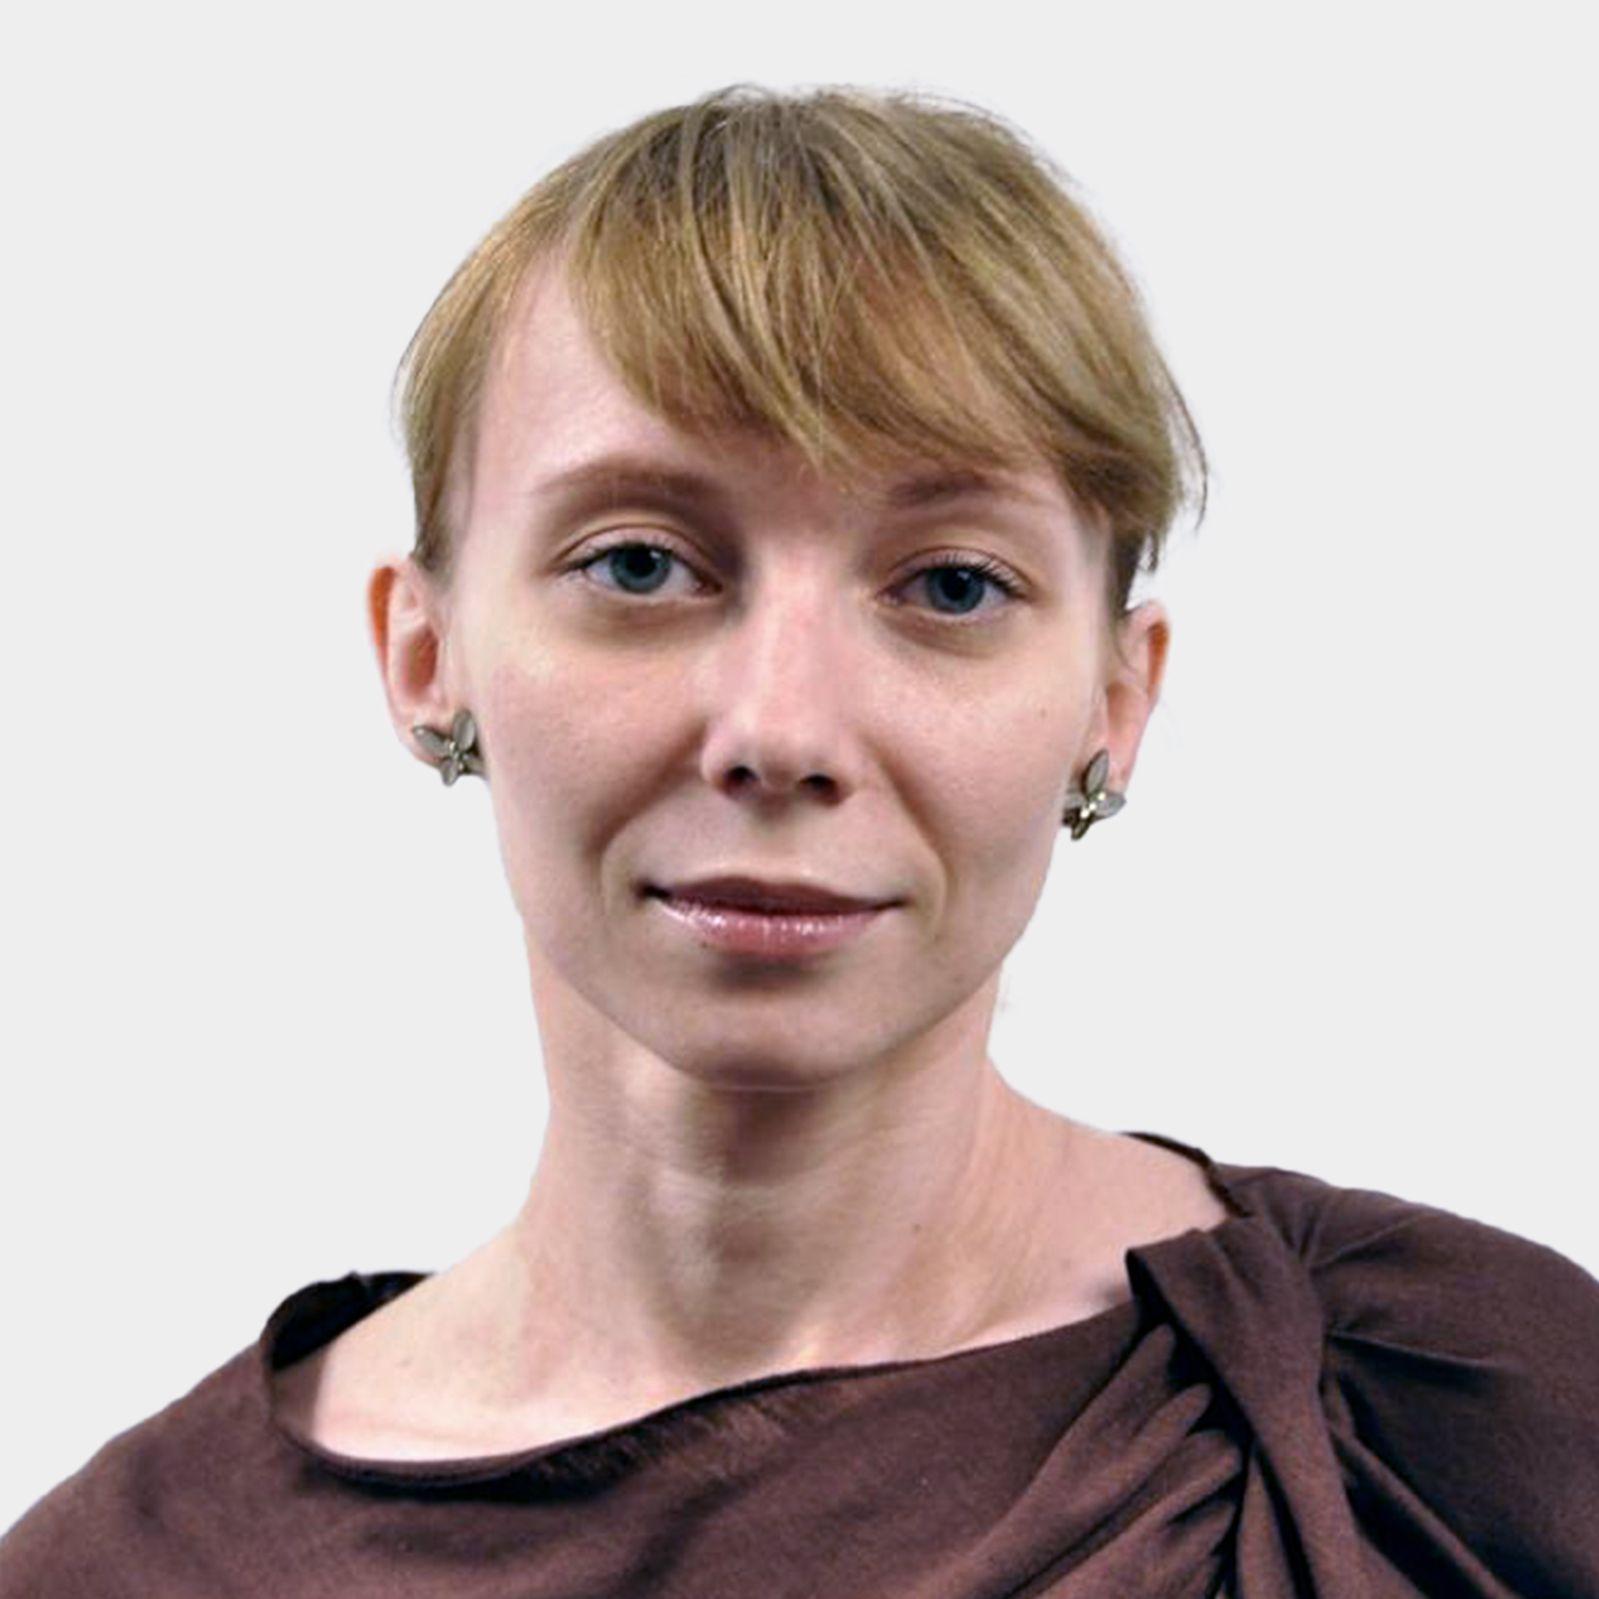 Przemoc domowa może dotknąć każdego – jak reagować? - dr Agnieszka Bratkiewicz i Joanna Gutral